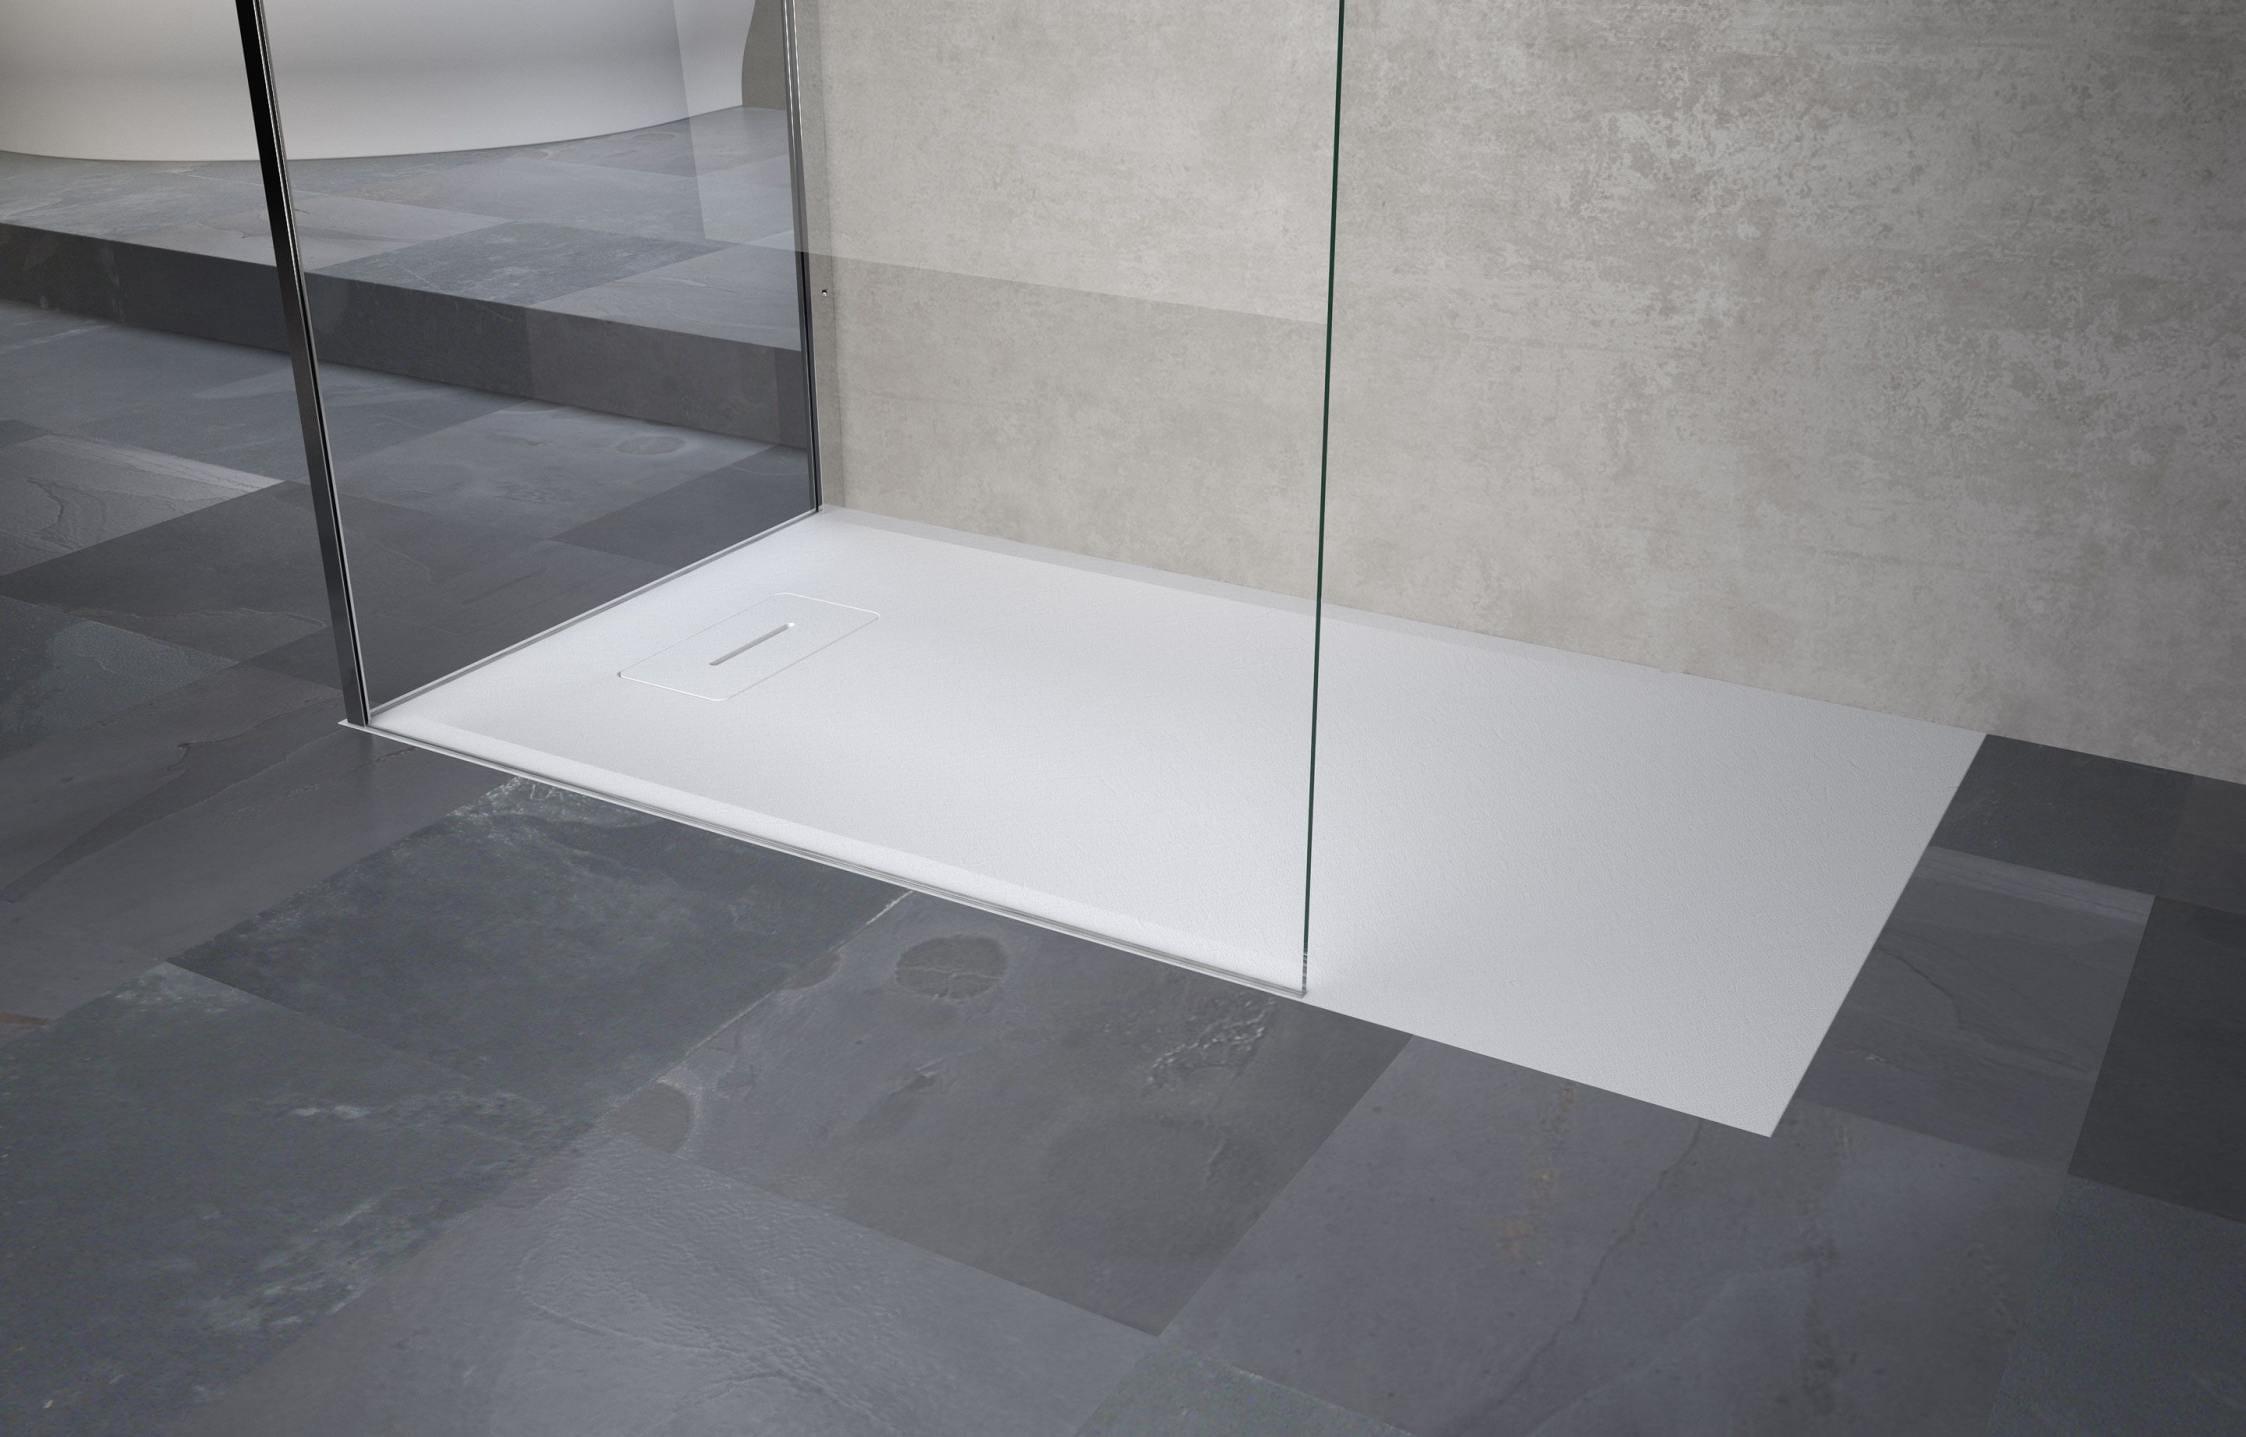 Piatto doccia filo pavimento andhome - Piatto doccia a filo pavimento svantaggi ...